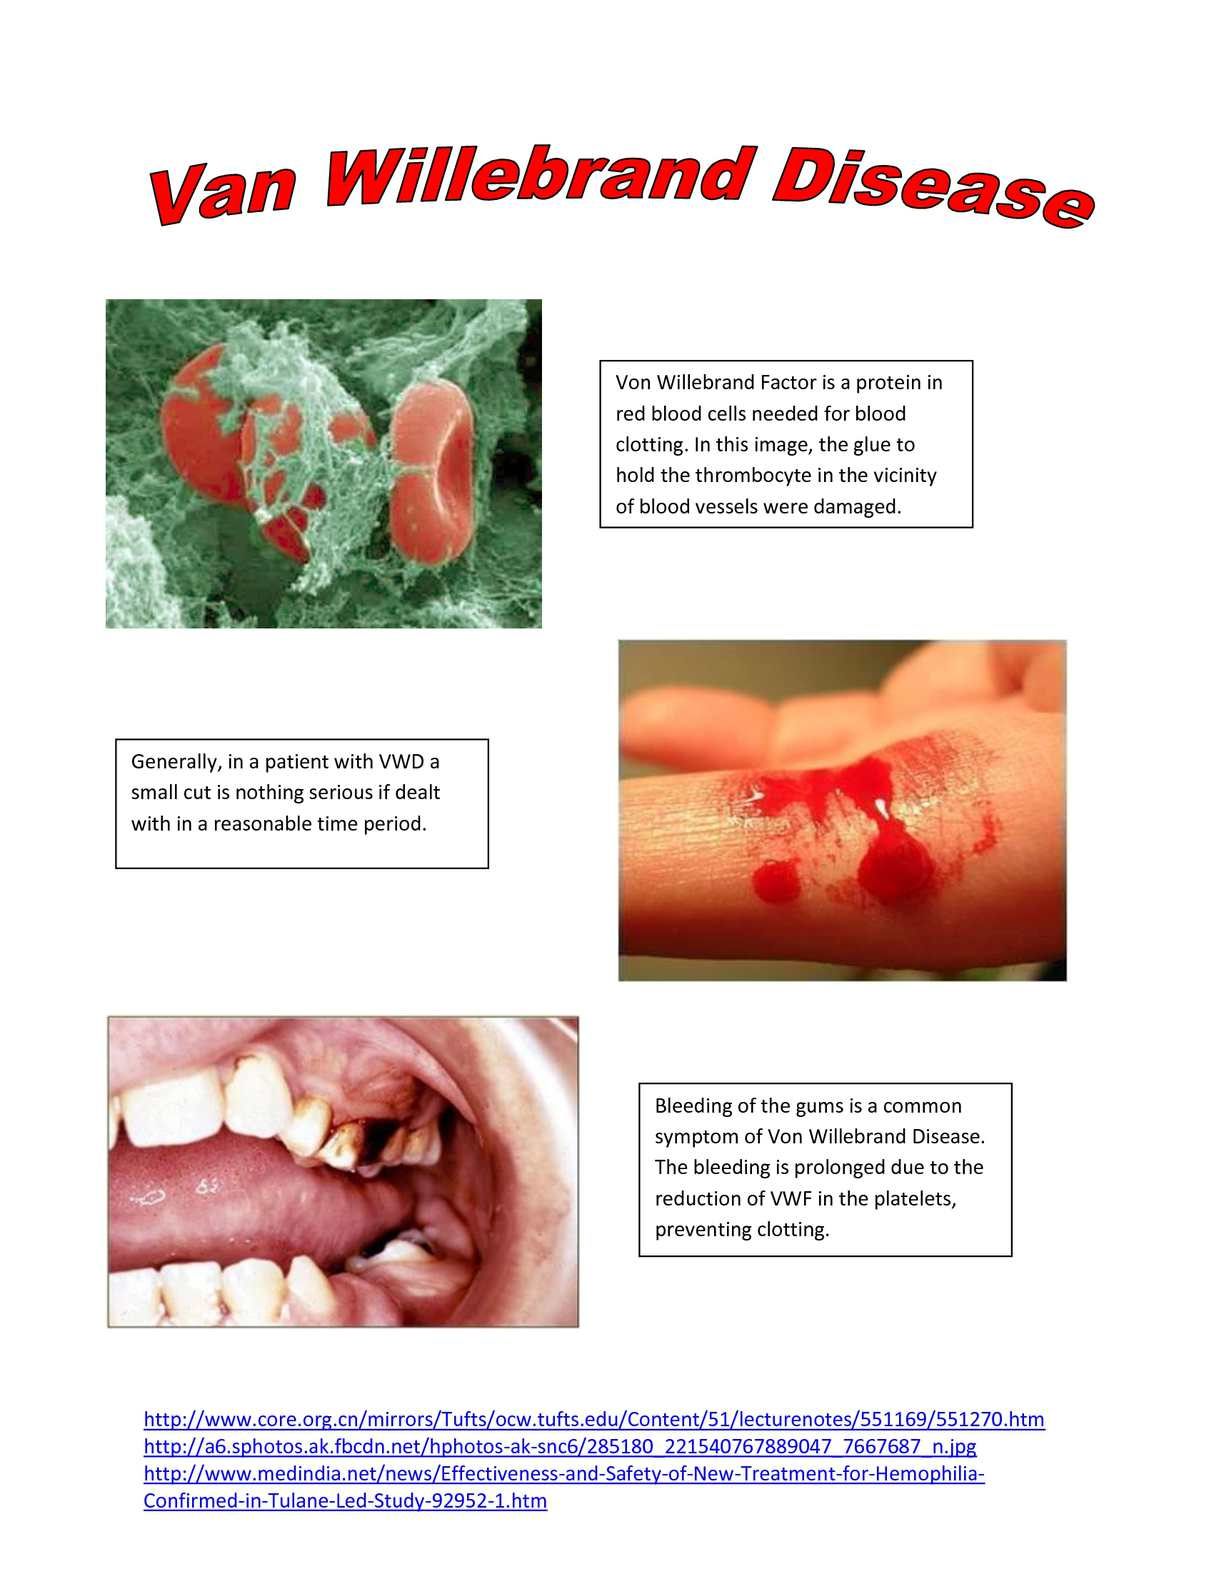 Remarkable, rather van willebrand disease facial features excellent